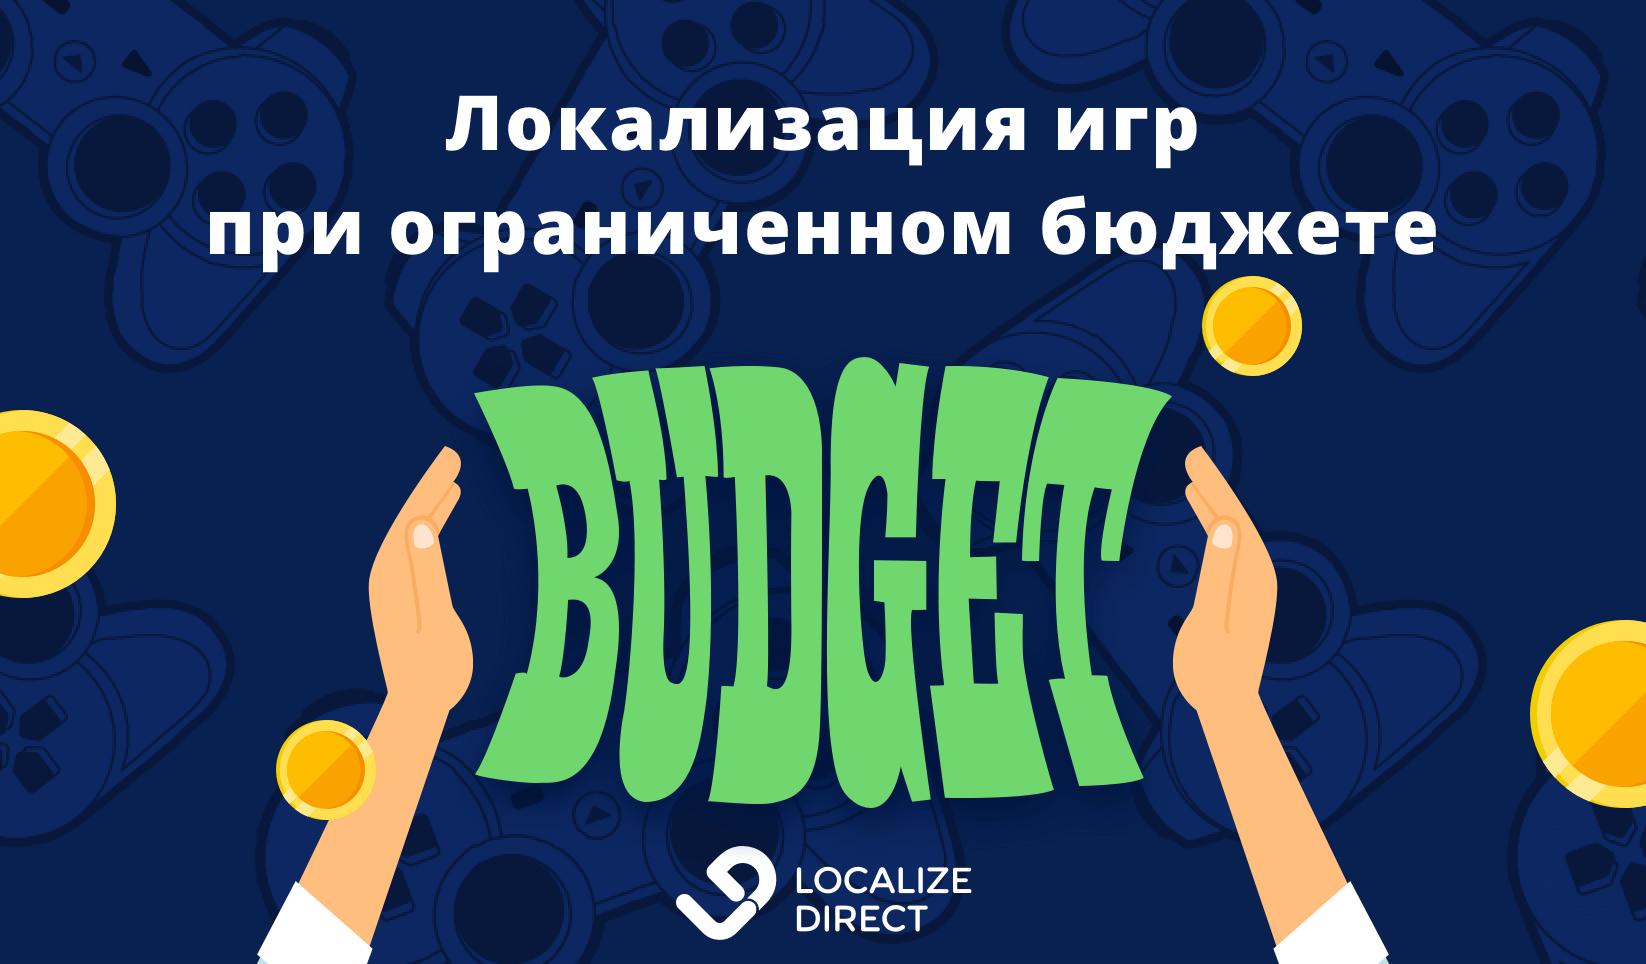 Игровая локализация при ограниченном бюджете: какие языки выбрать